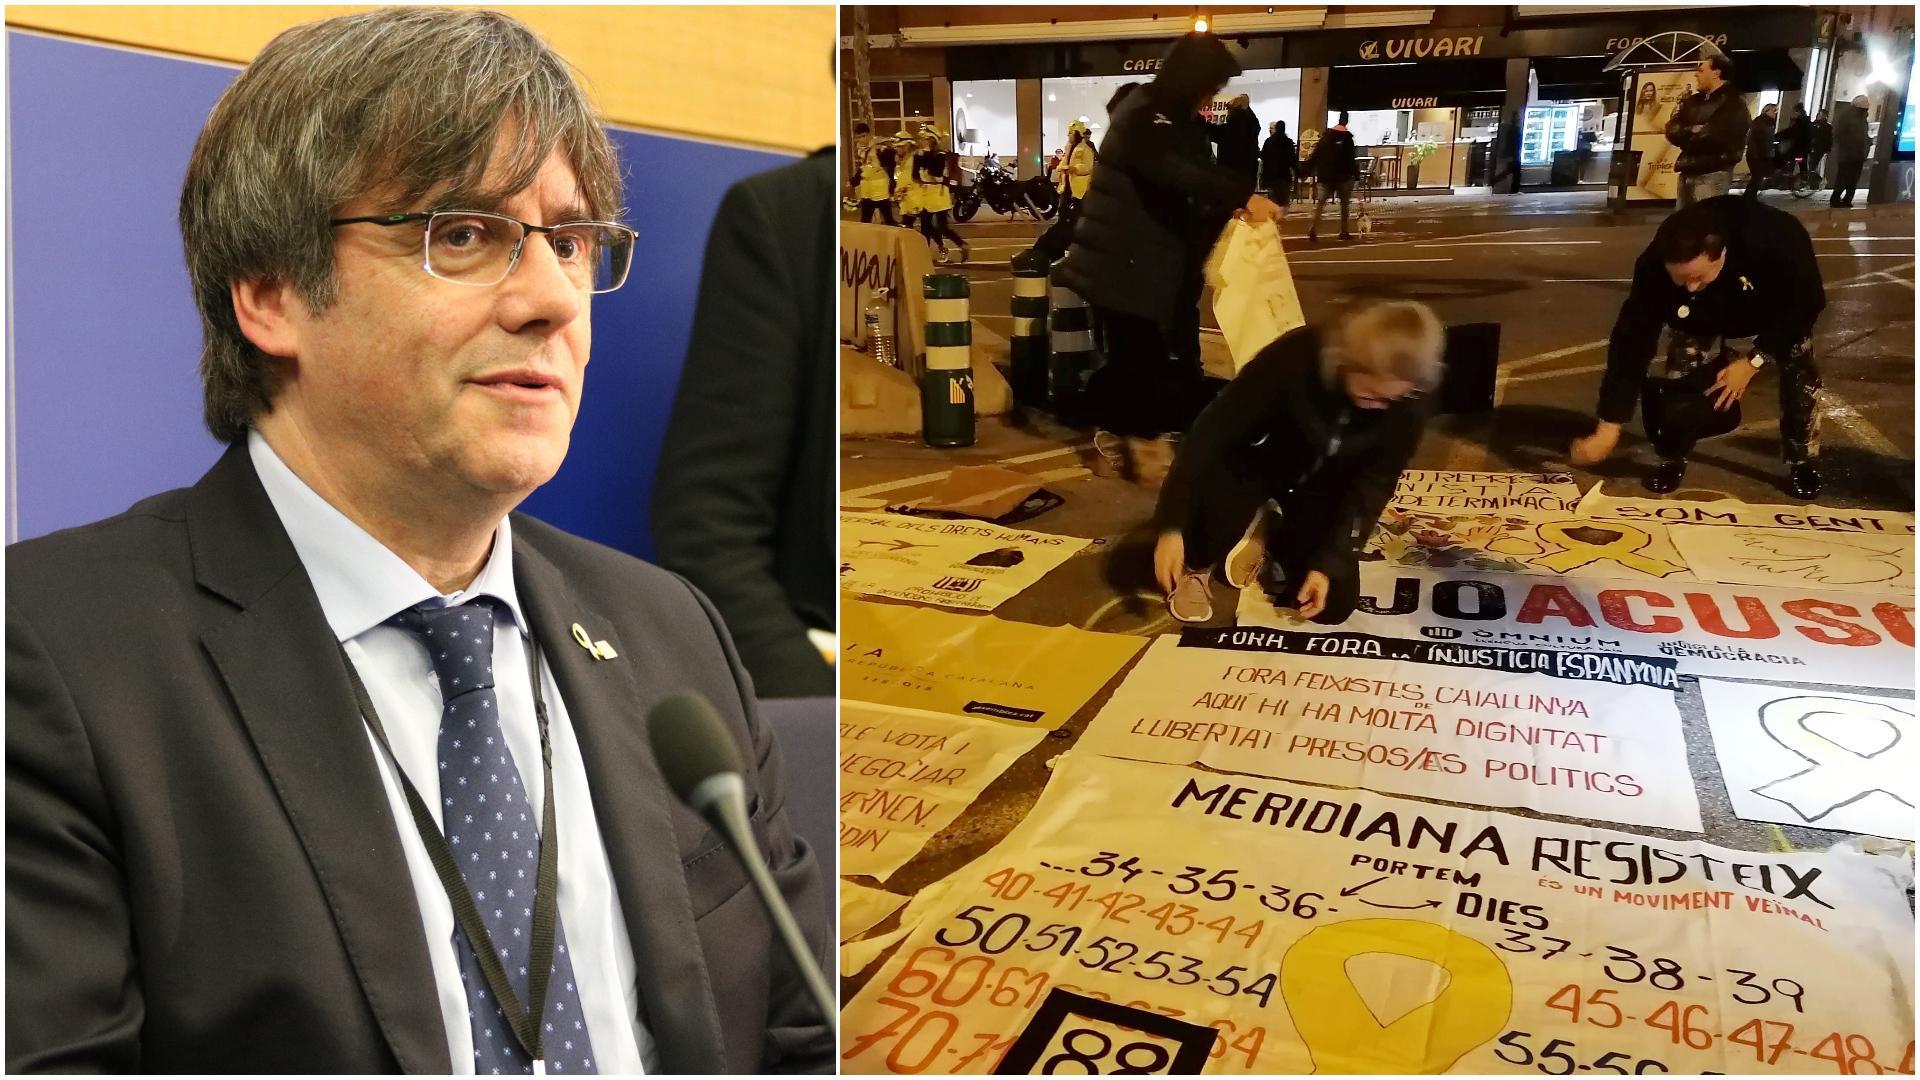 Puigdemont ha enviat un missatge de suport a Meridiana Resisteix / ACN - MMP